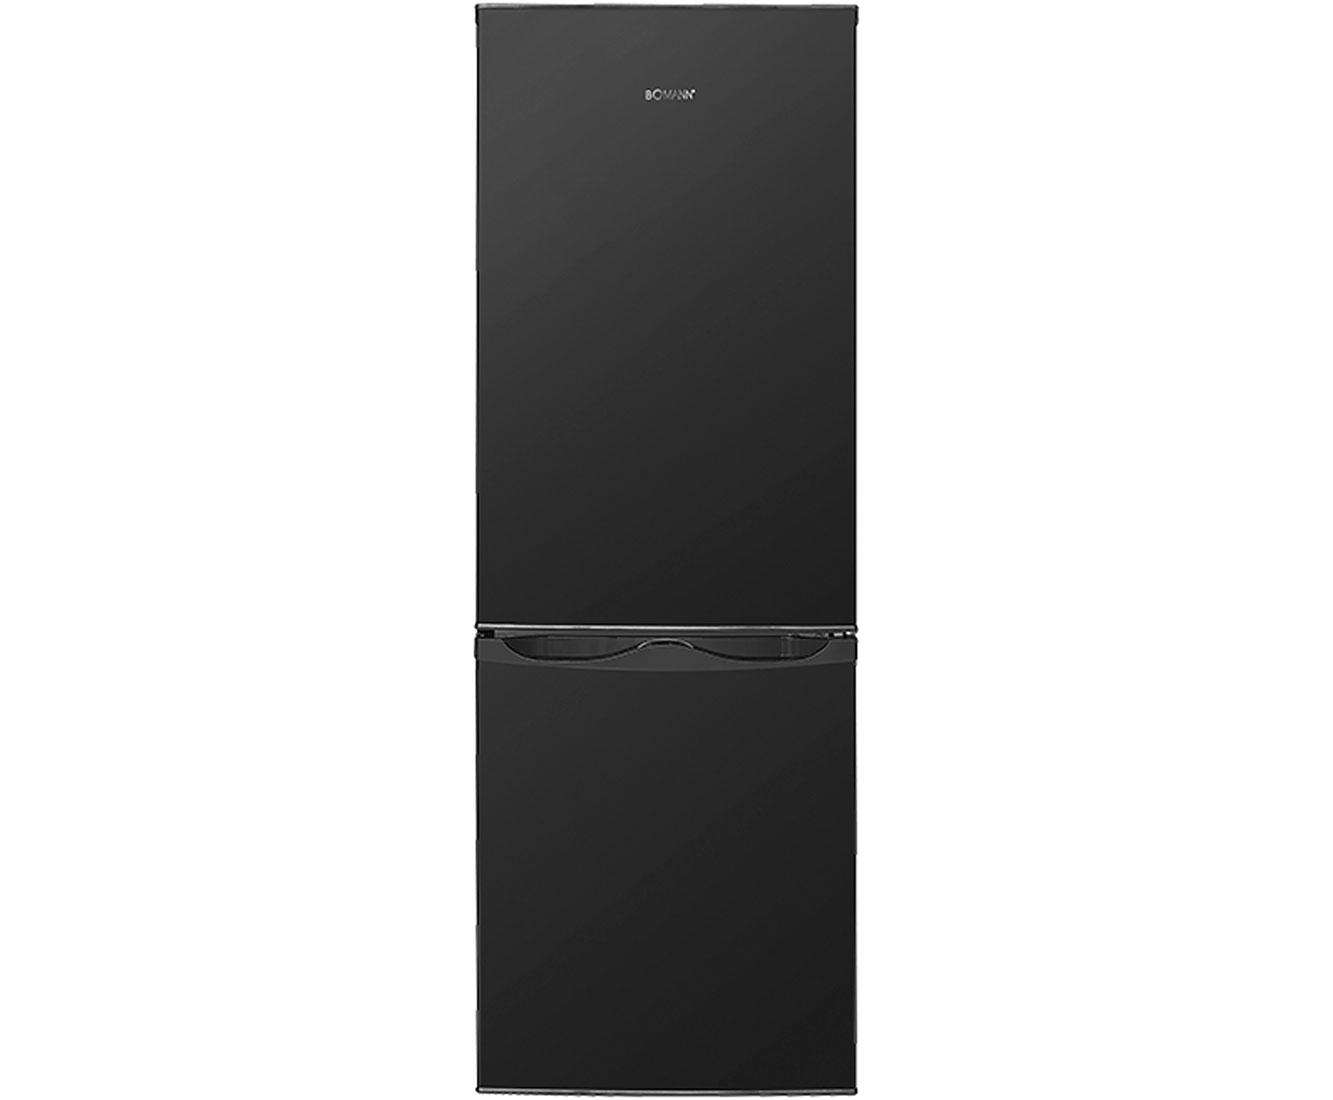 Bomann Kühlschrank Schublade : Bomann kg 320.1 kühl gefrierkombination schwarz a